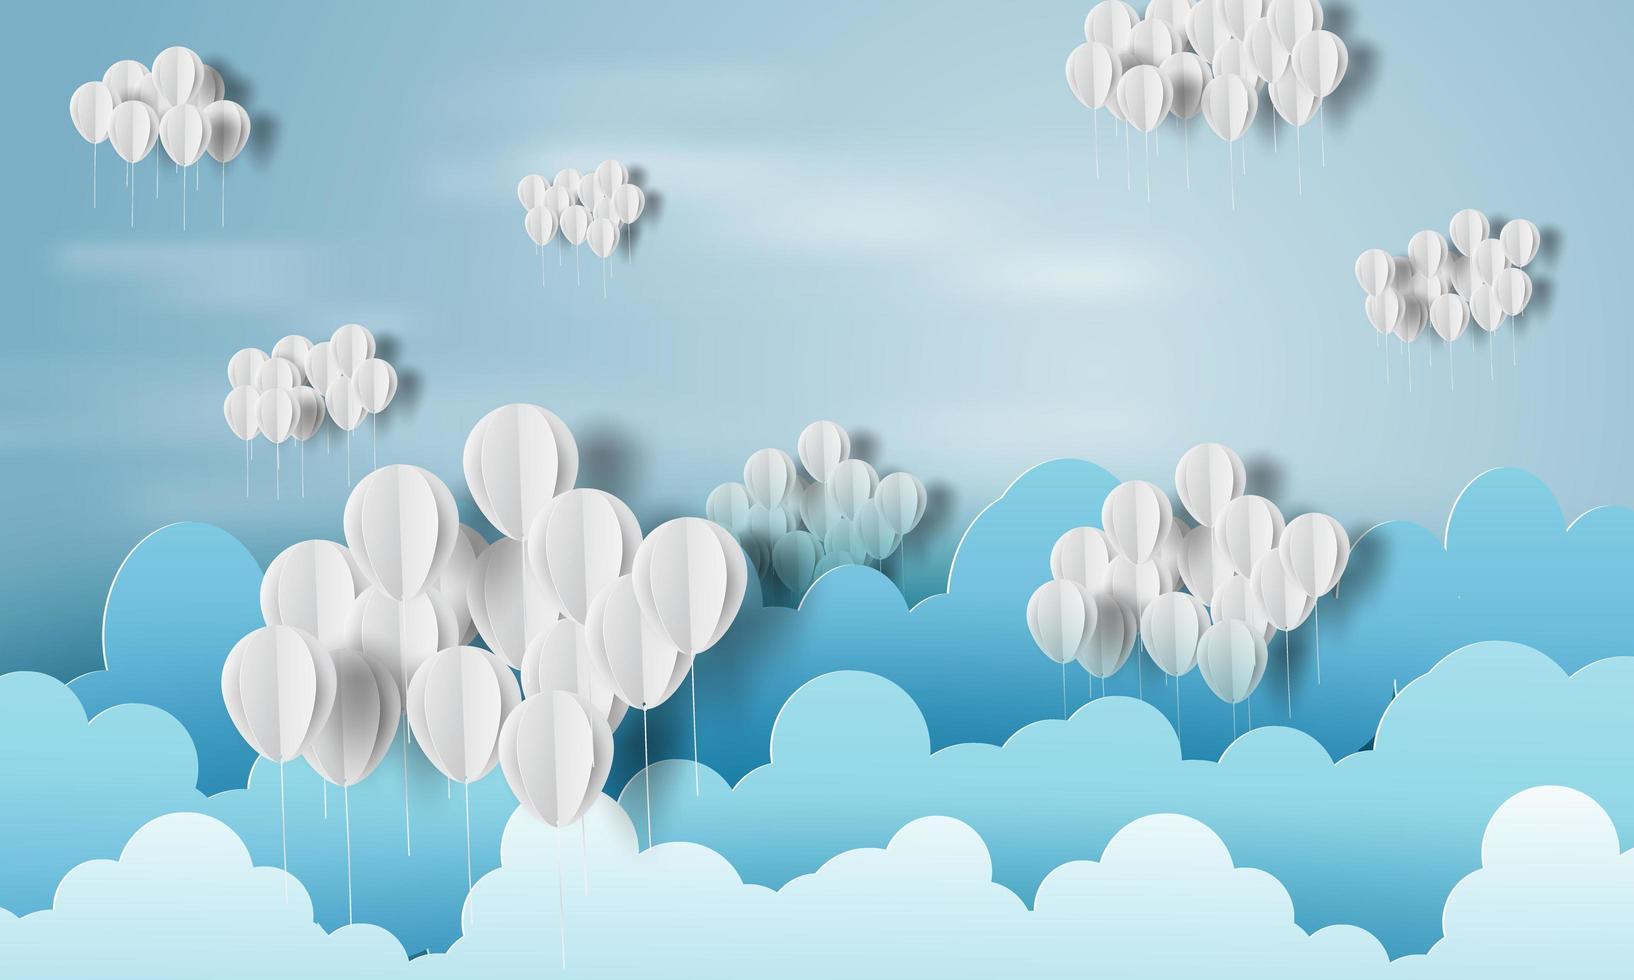 art papier de ballons comme des nuages sur la bannière du ciel bleu vecteur